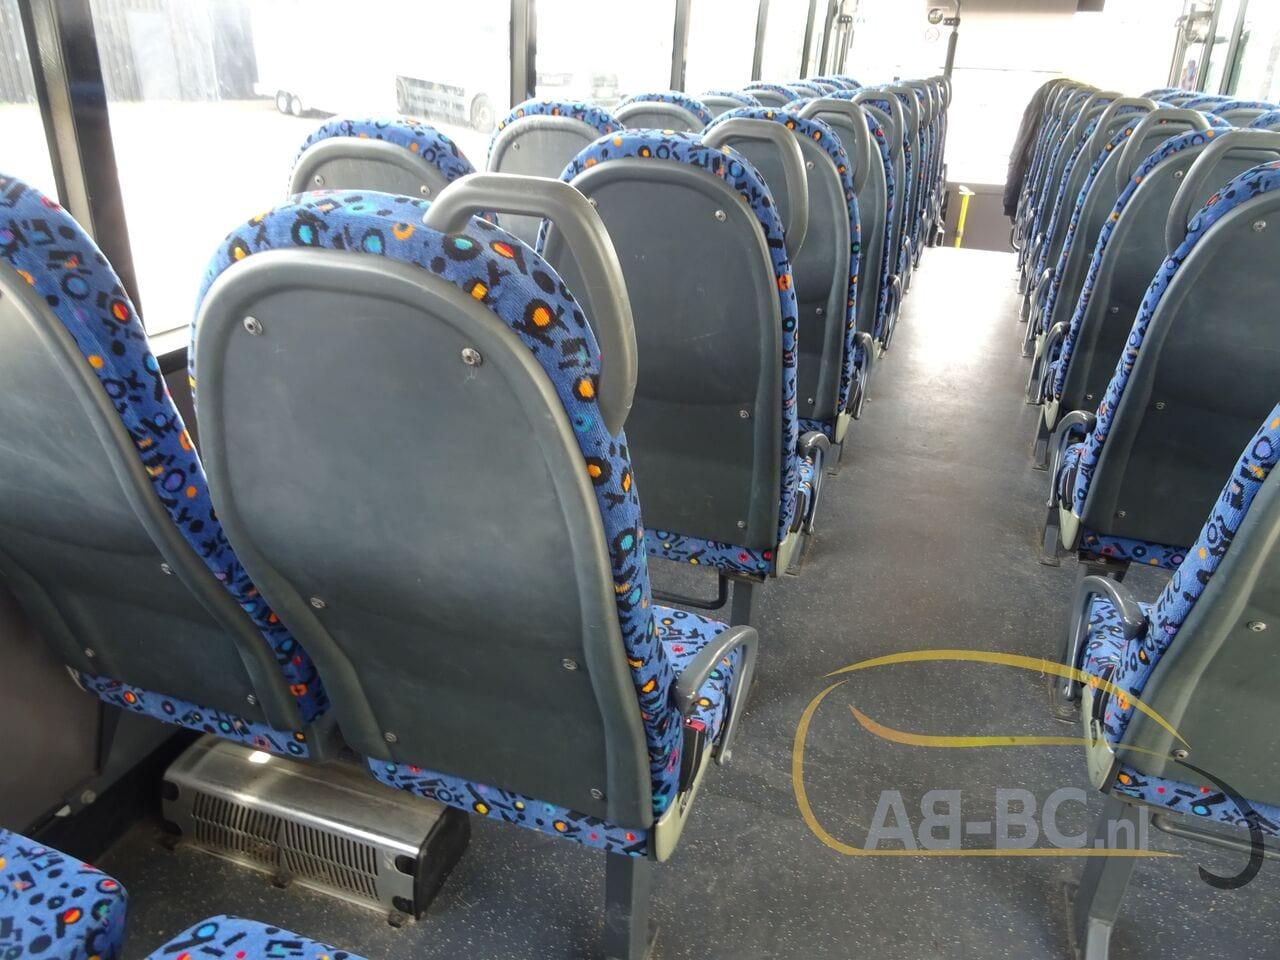 interurban-busMAN-Fast-64-seats---1619620055906220319_big_117bb3f2e22247132290828850784888--21042817163019598600